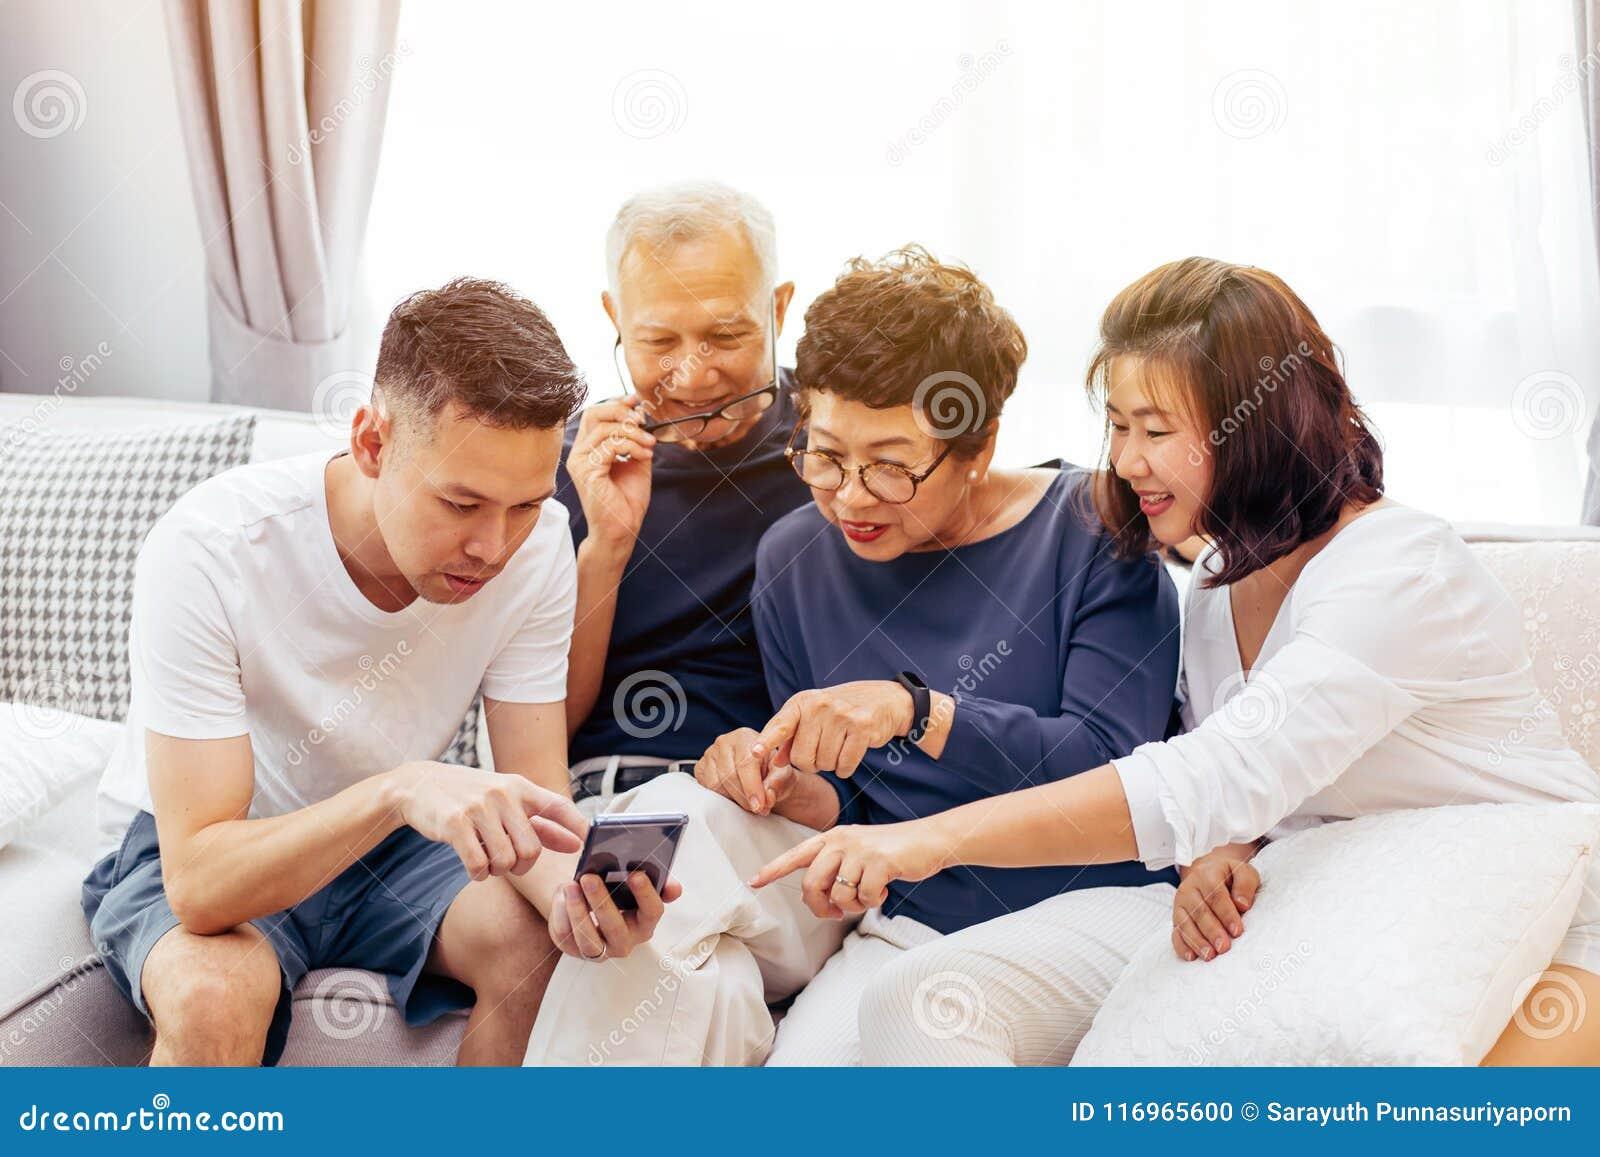 Família asiática com crianças adultas e os pais superiores que usam um telefone celular e relaxando em um sofá em casa junto